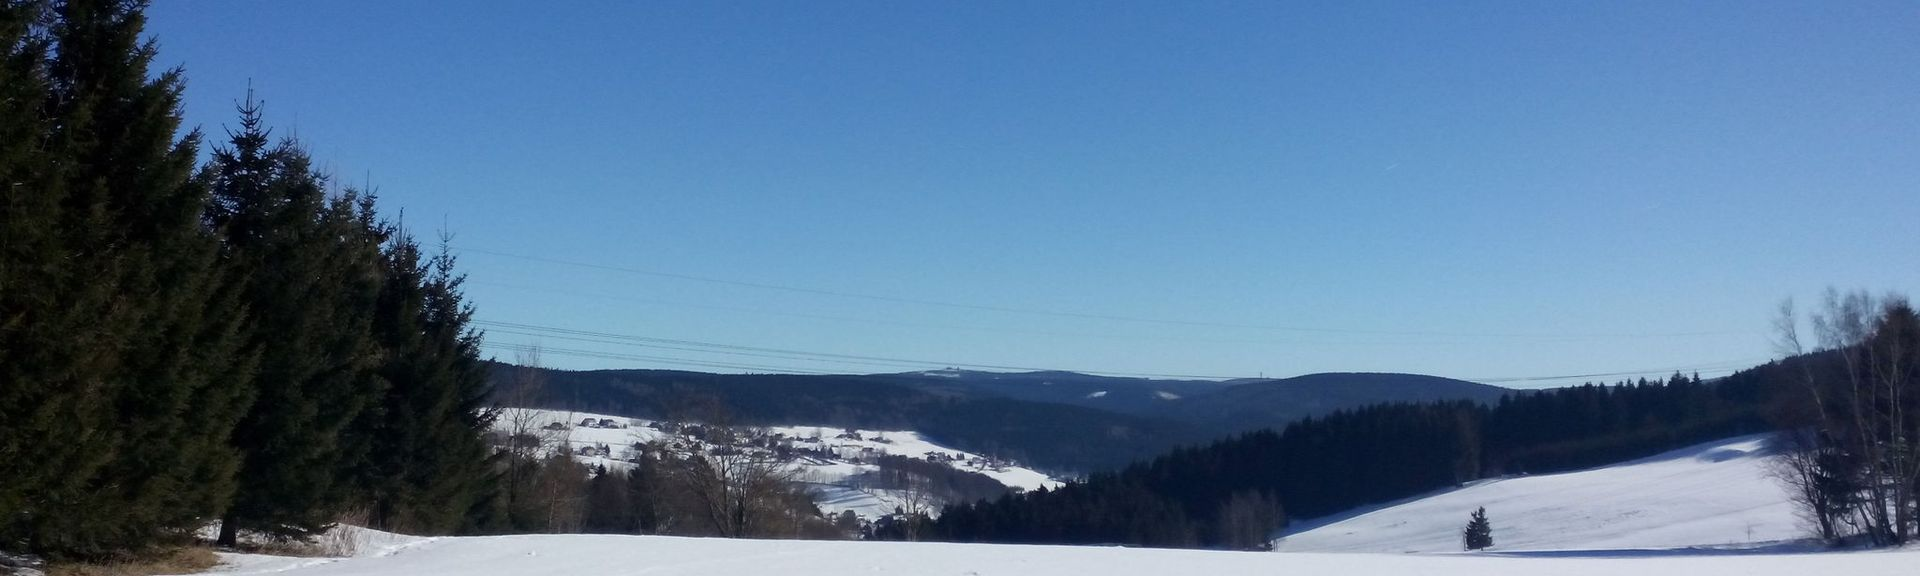 Grünhain-Beierfeld, Saksen, Duitsland